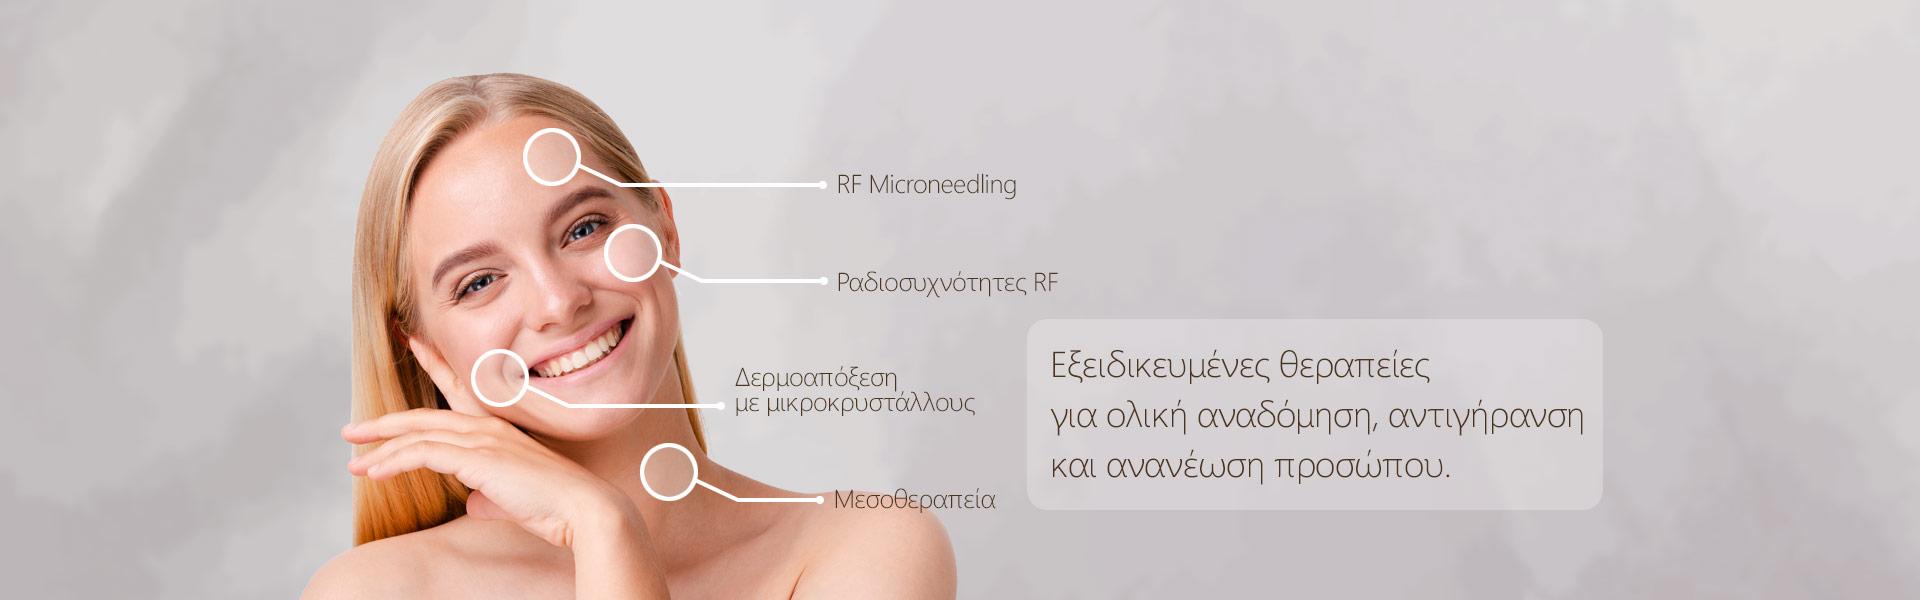 Εξειδικευμένες θεραπείες για ολική αναδόμηση, αντιγήρανση και ανανέωση προσώπου.